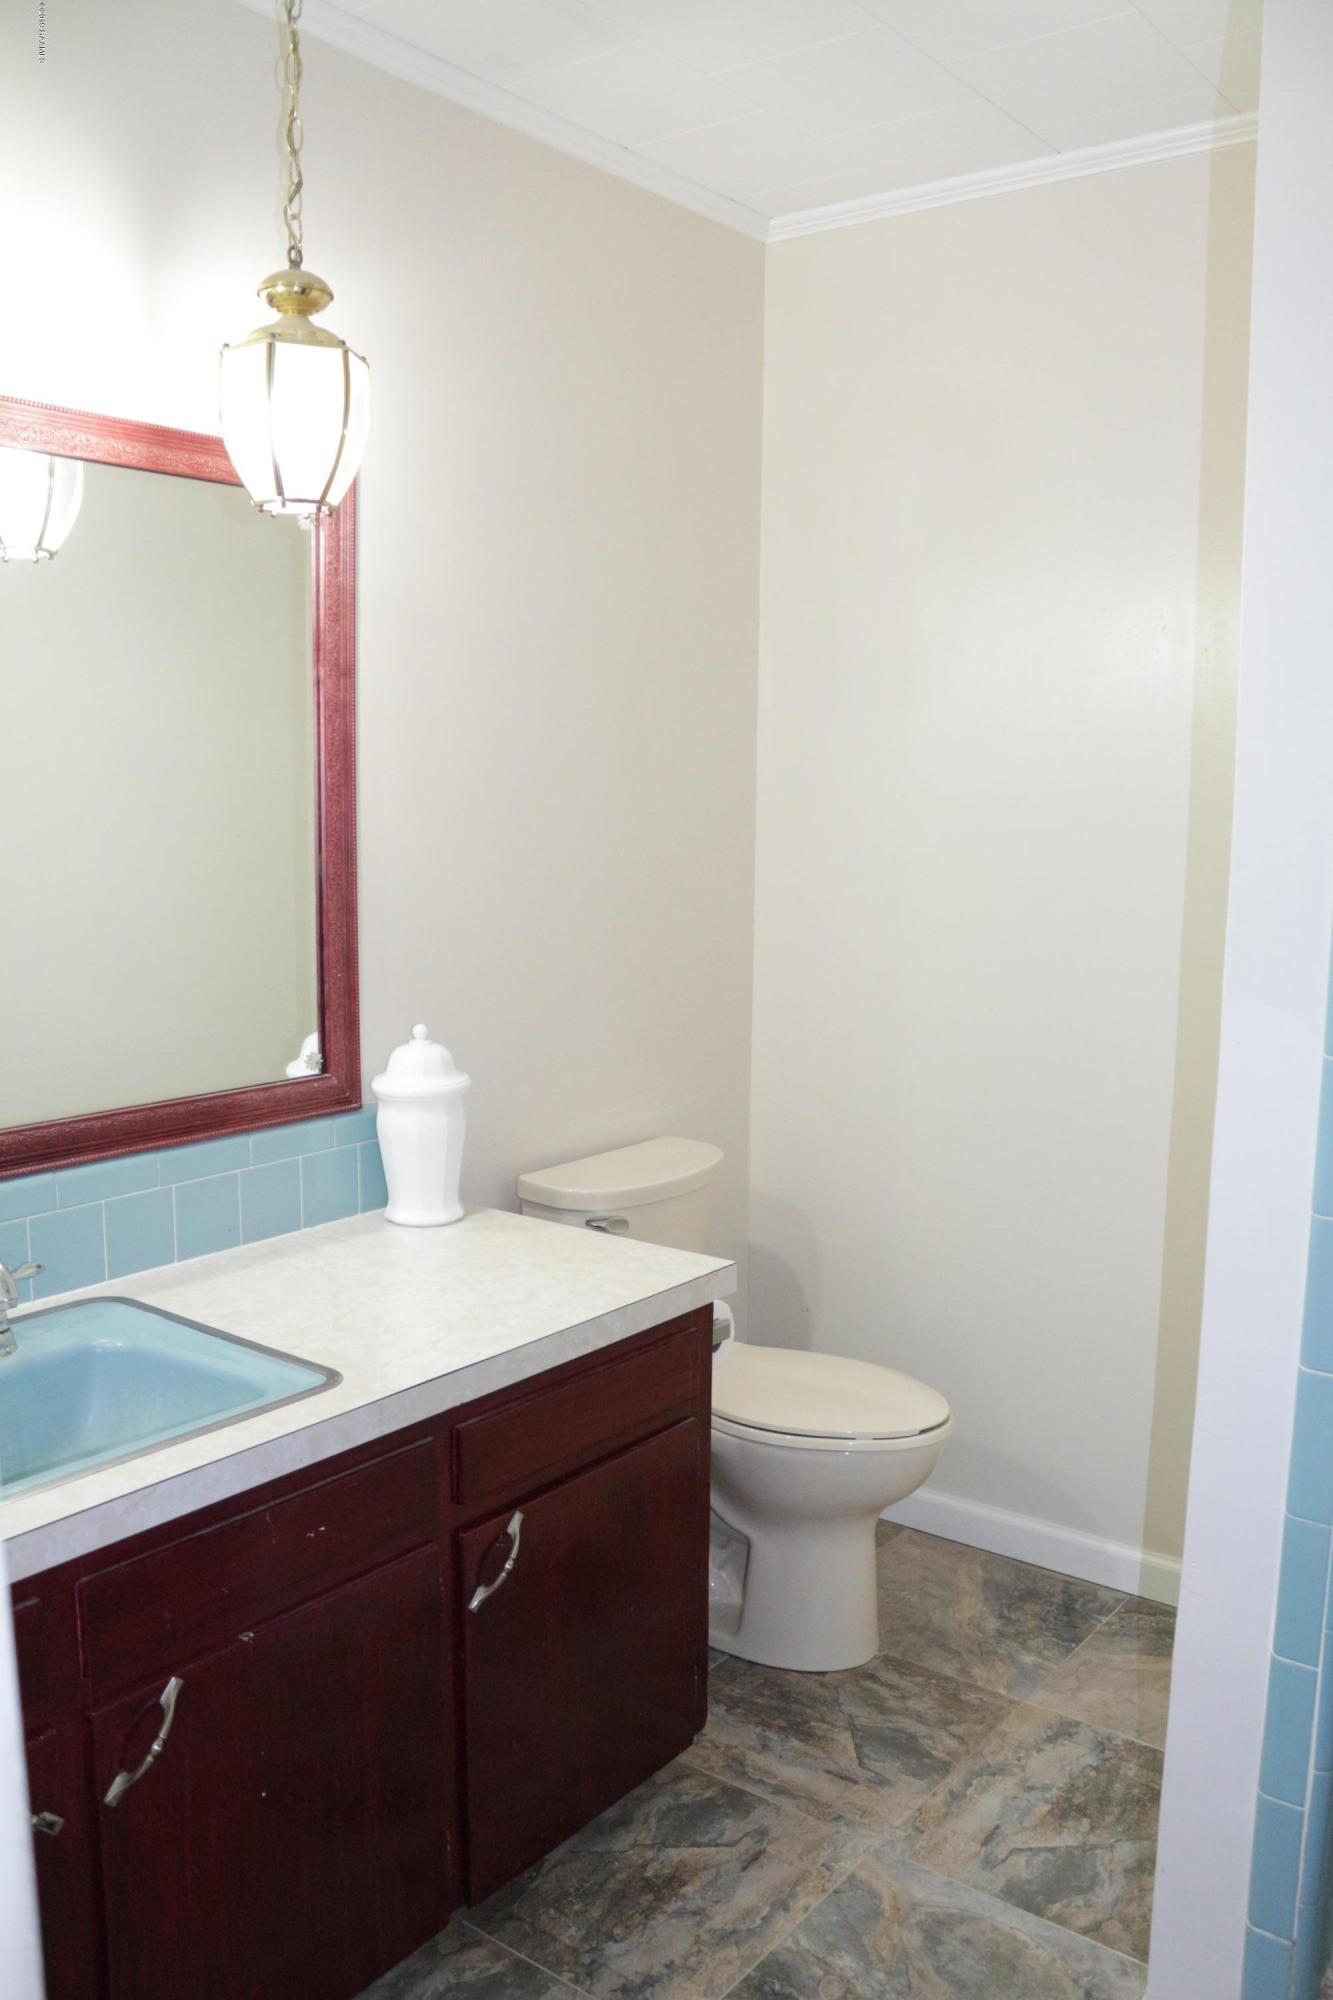 599 Acadiana Road, Opelousas, LA 70570 Photo #28